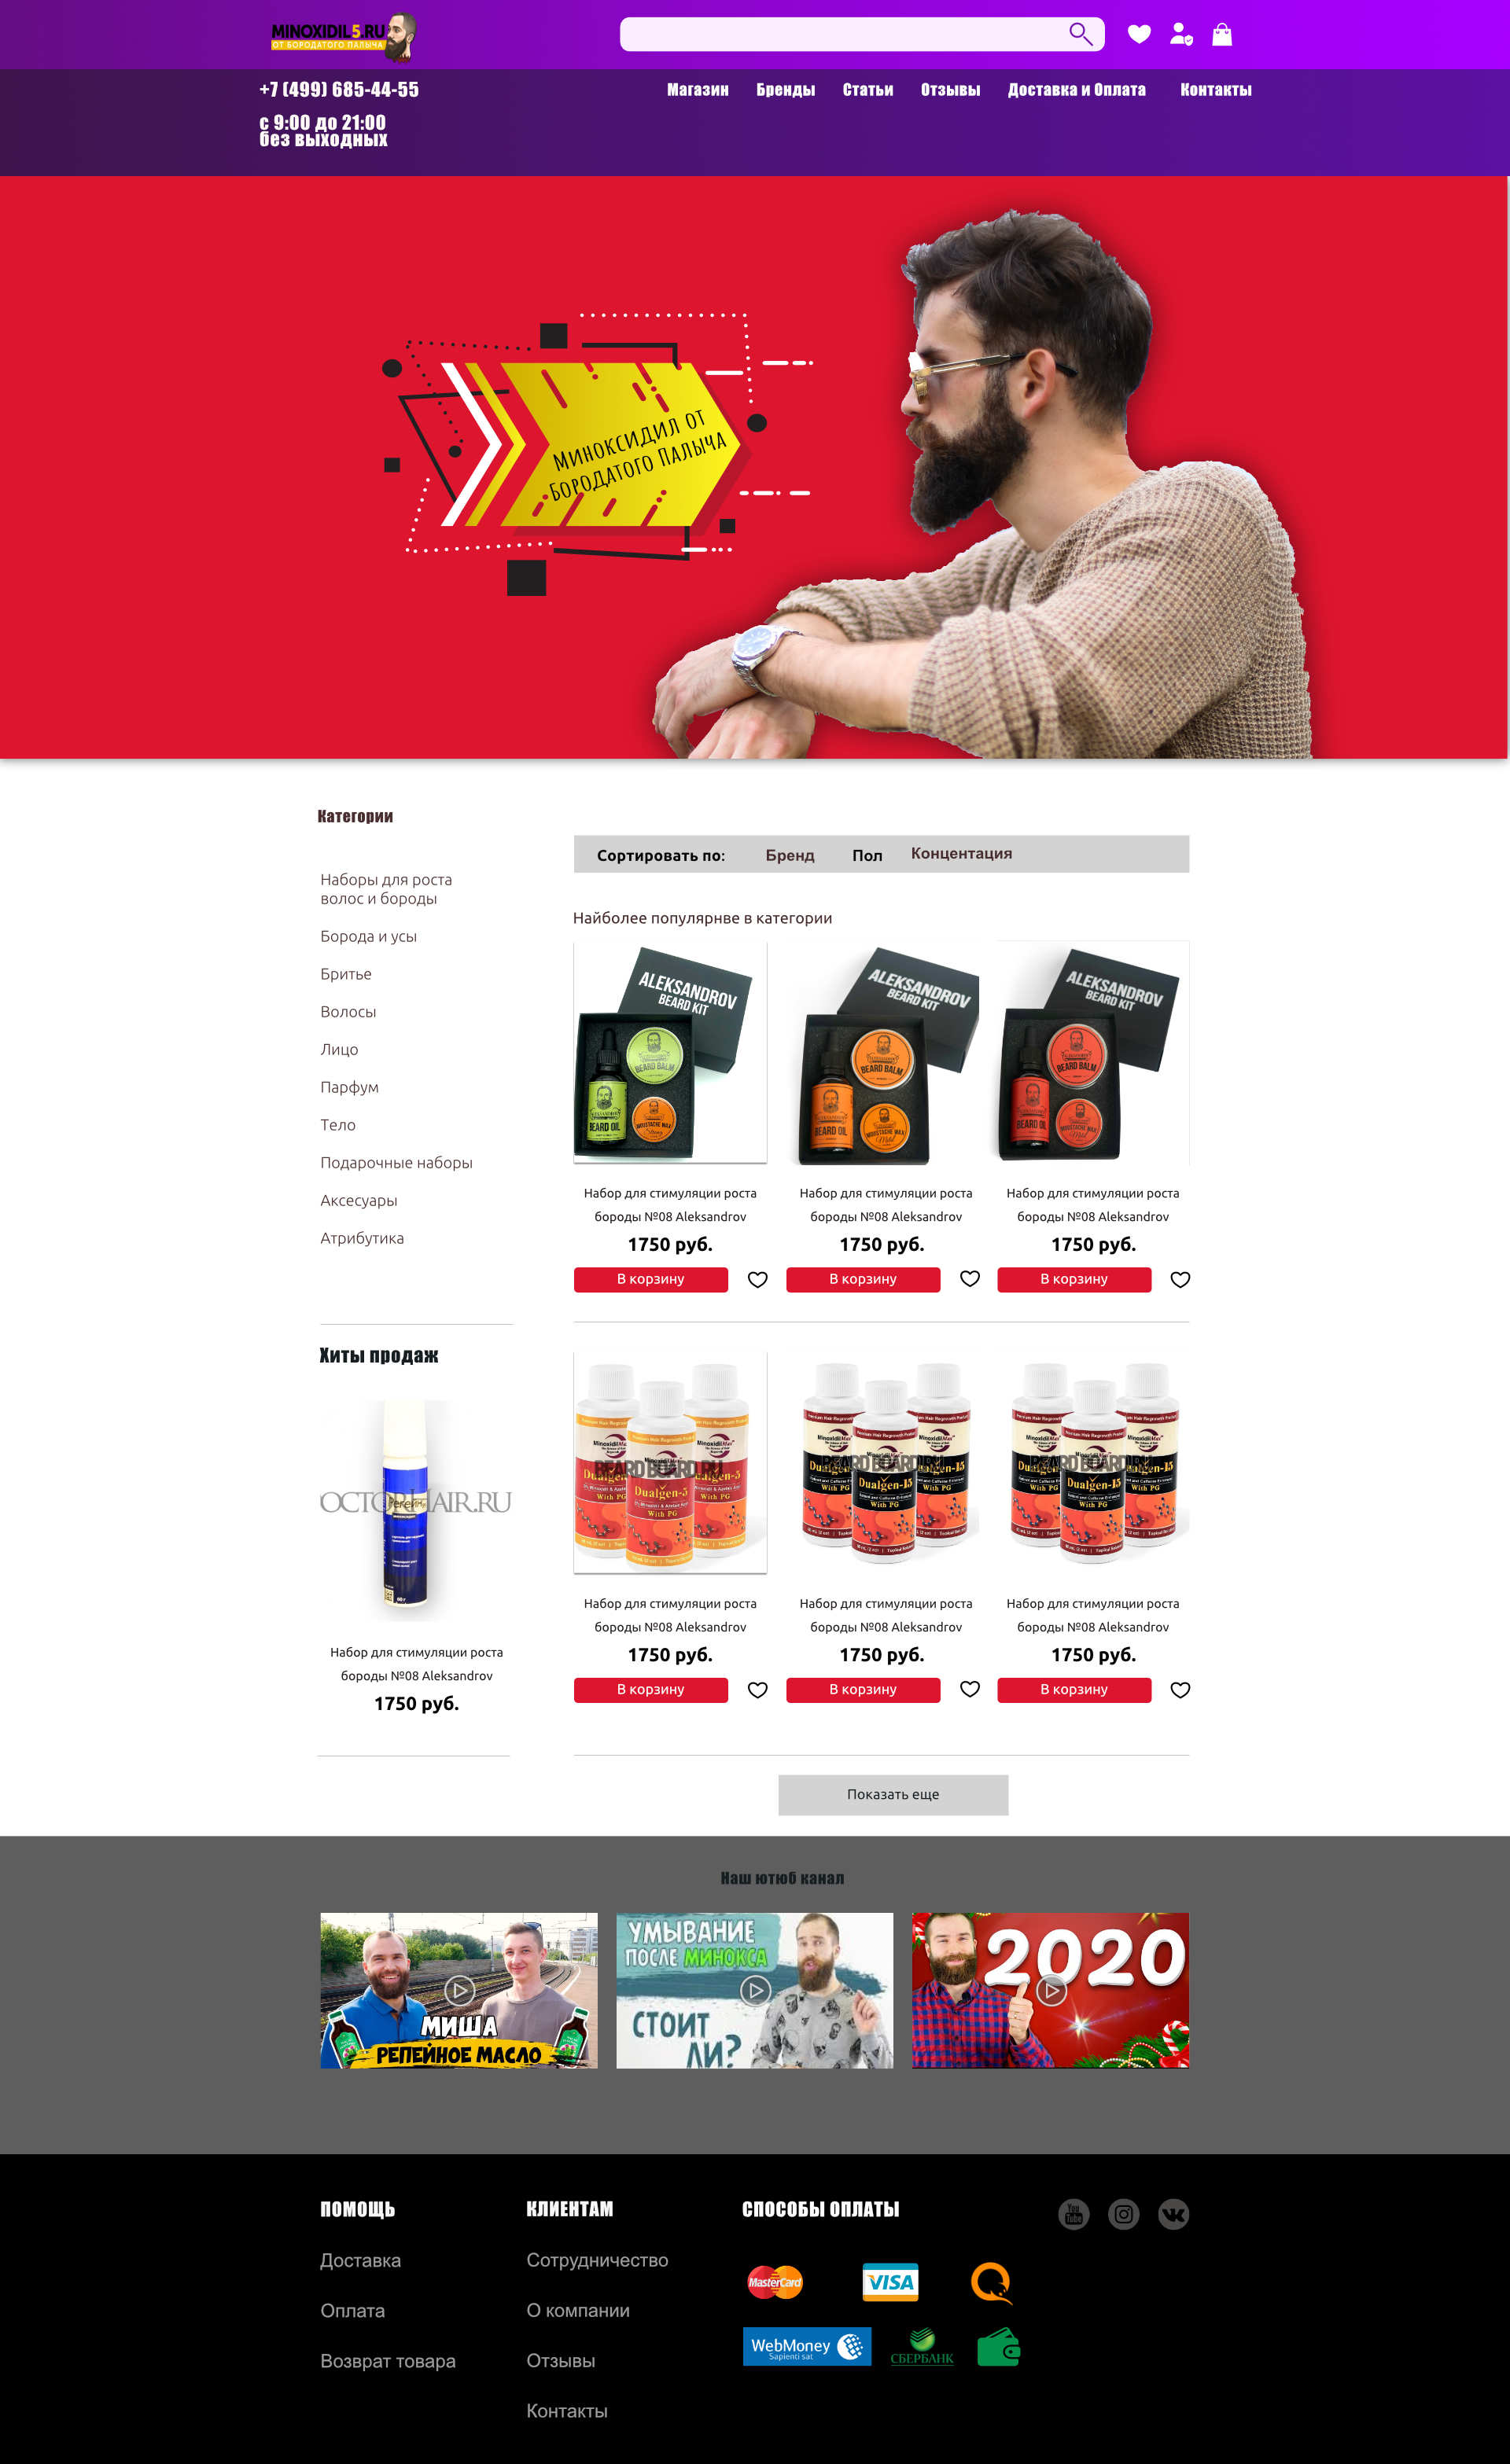 Дизайн главной страницы интернет-магазина фото f_2915e22fdc01a6b4.jpg